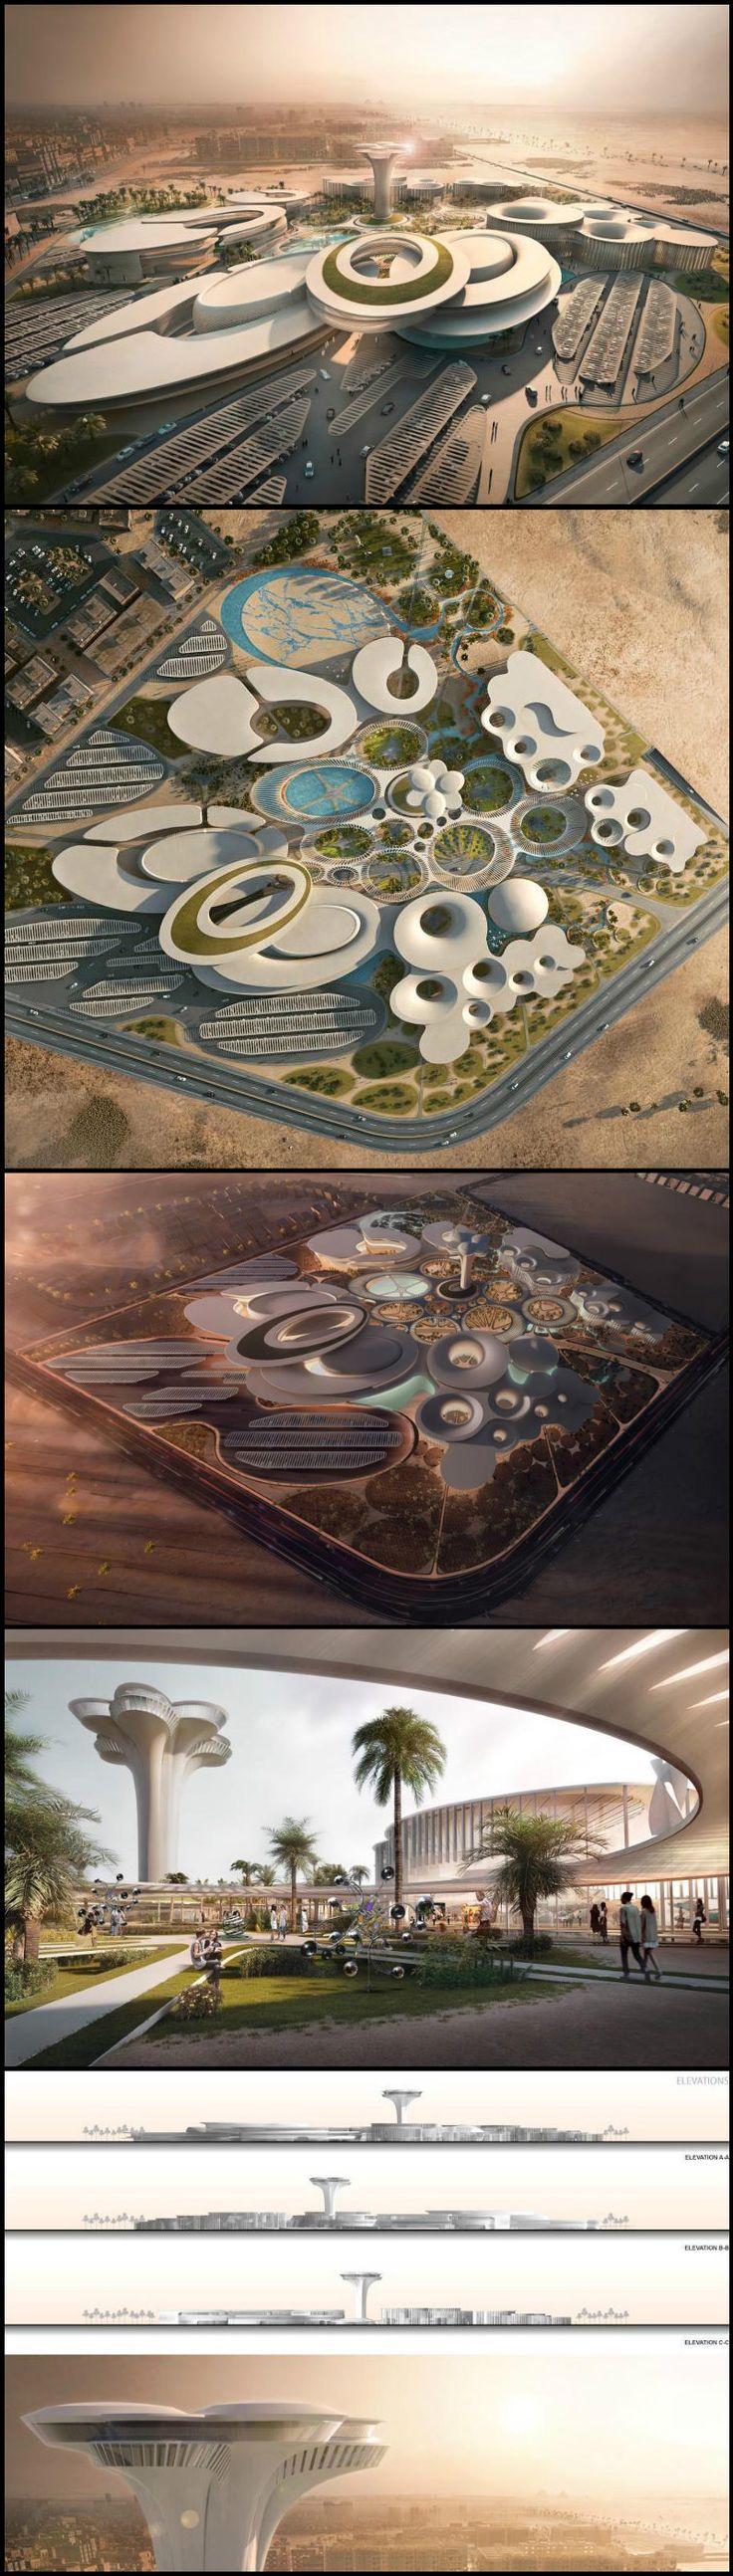 3rd Prize: Zaha Hadid Architects もっと見る